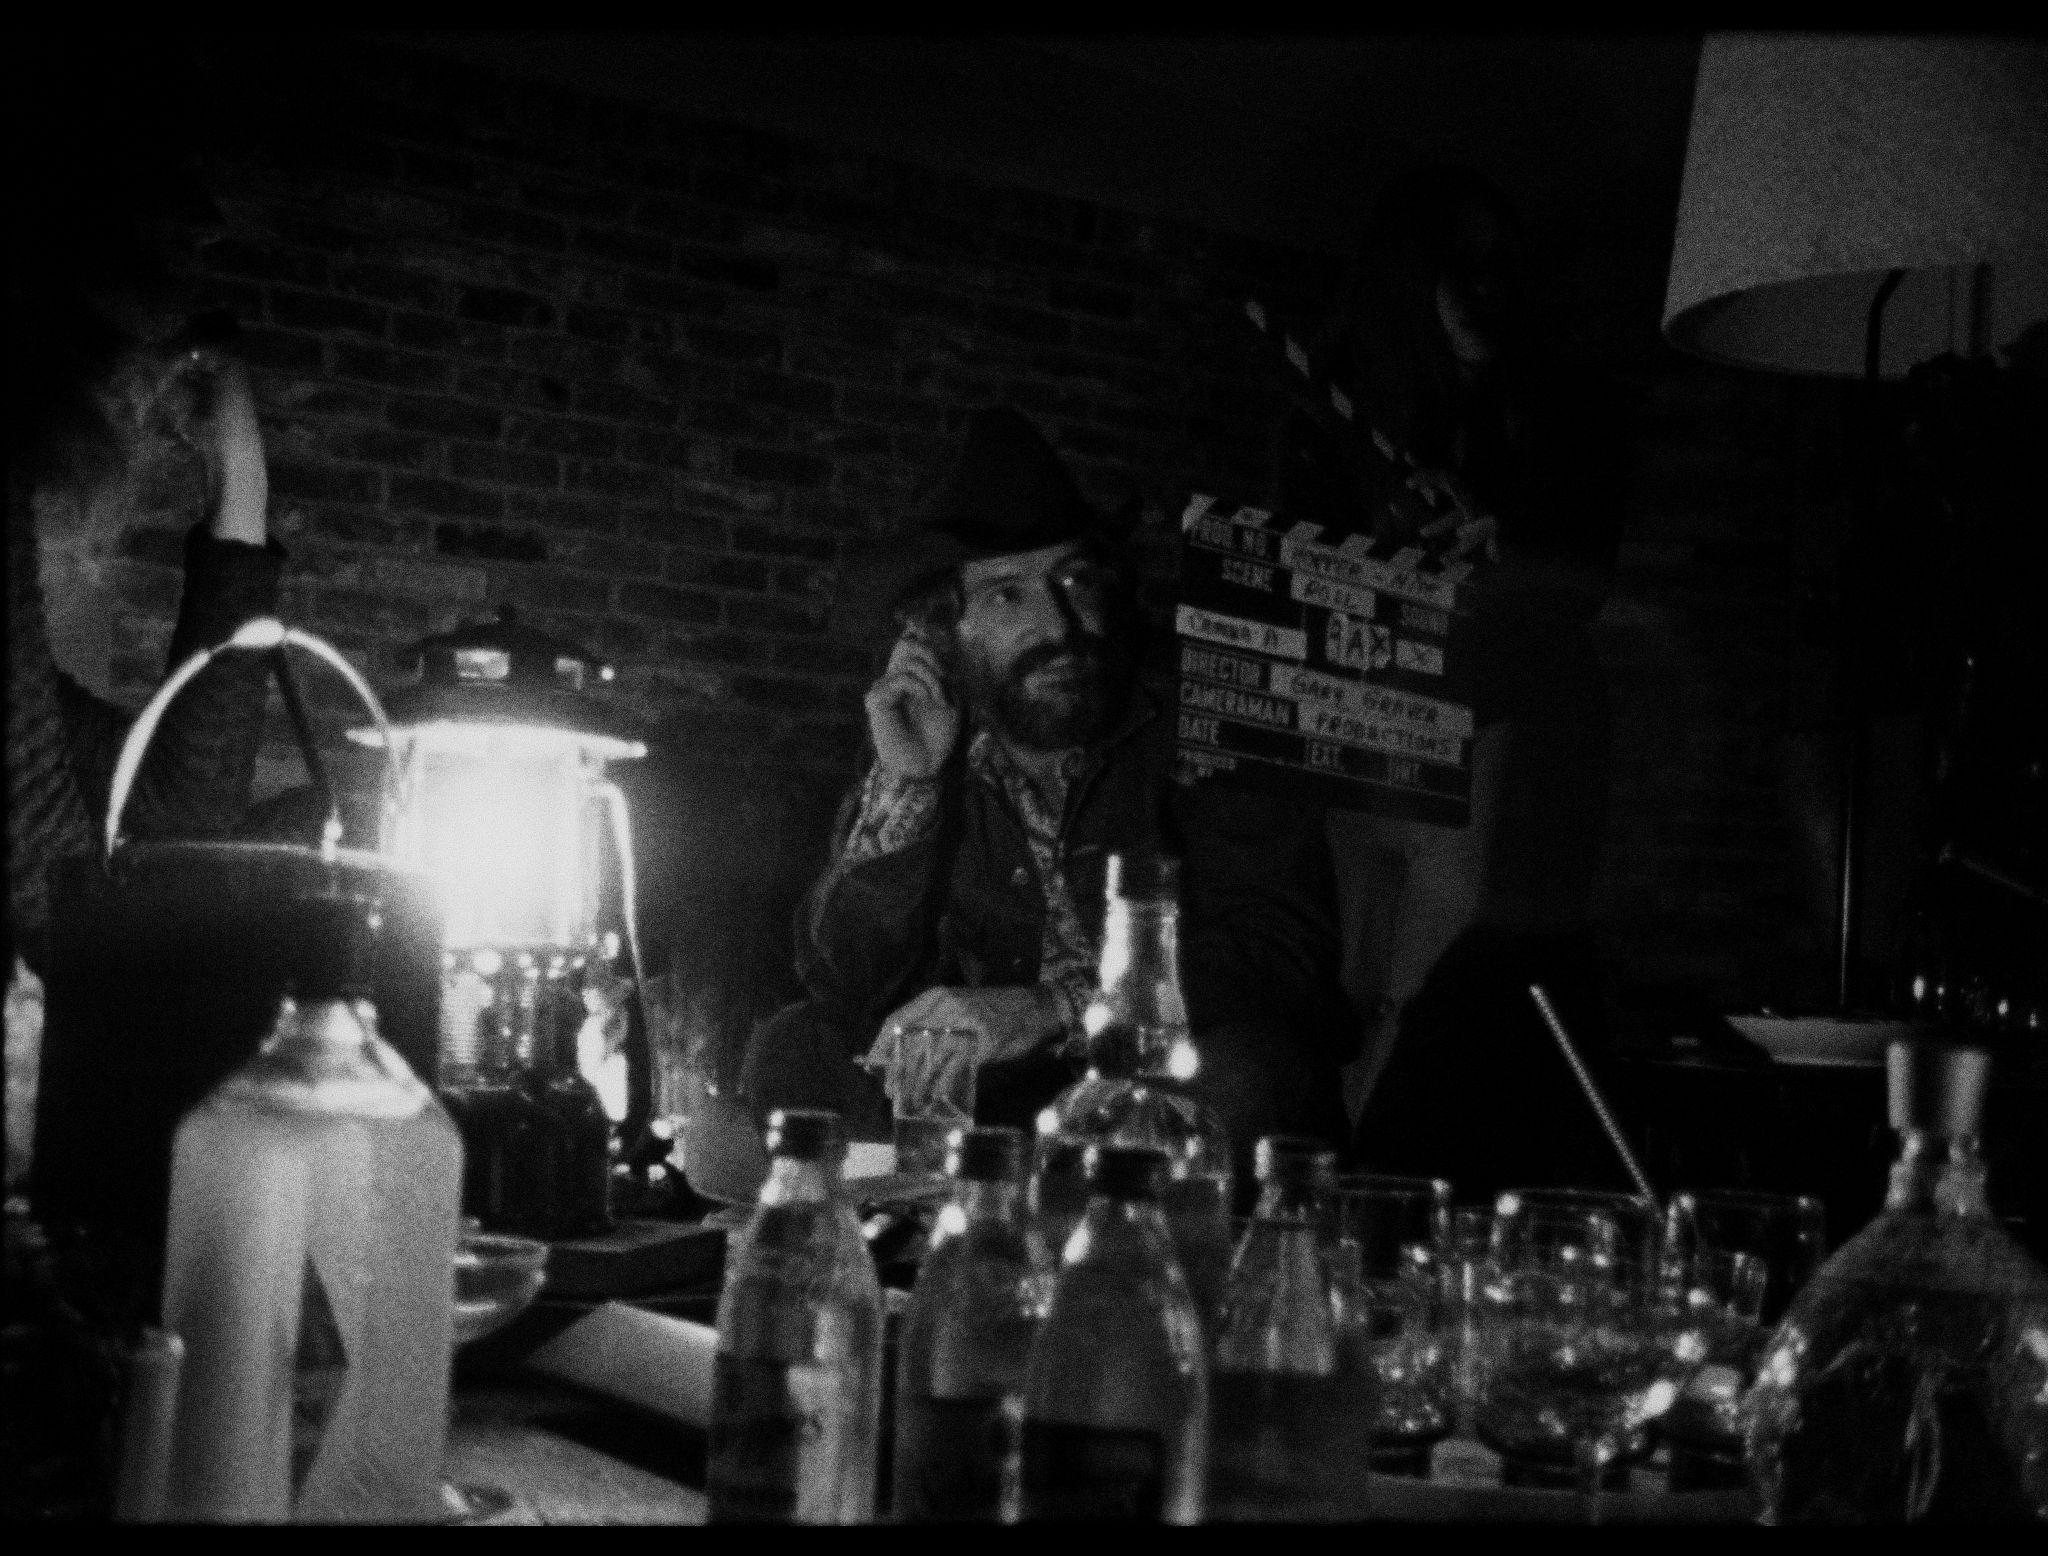 Hopper_Welles_dir_Orson_Welles_1